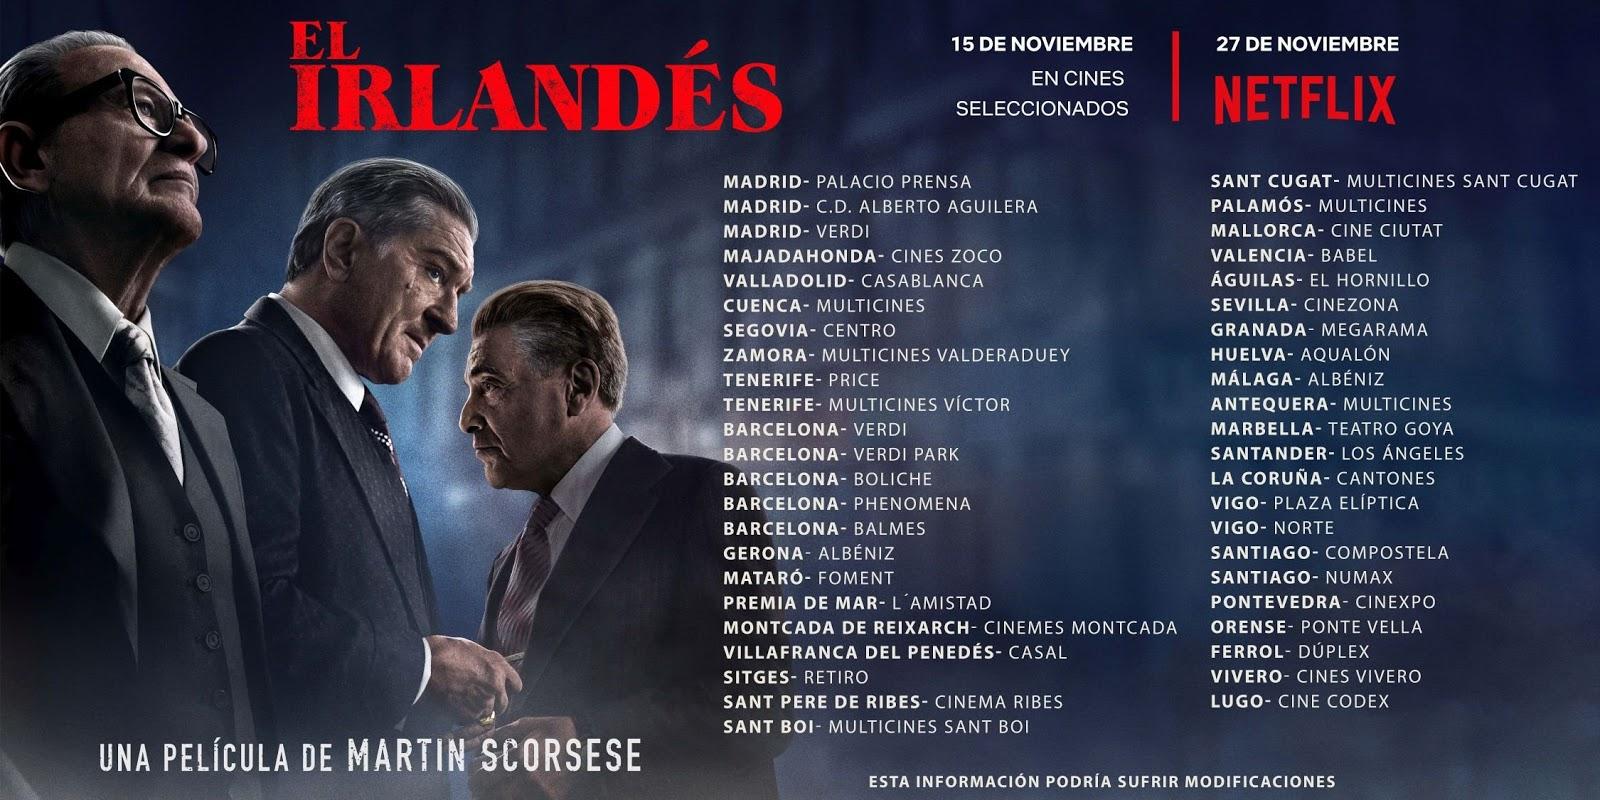 El Irlandes cines de Madrid, Barcelona y el resto de España